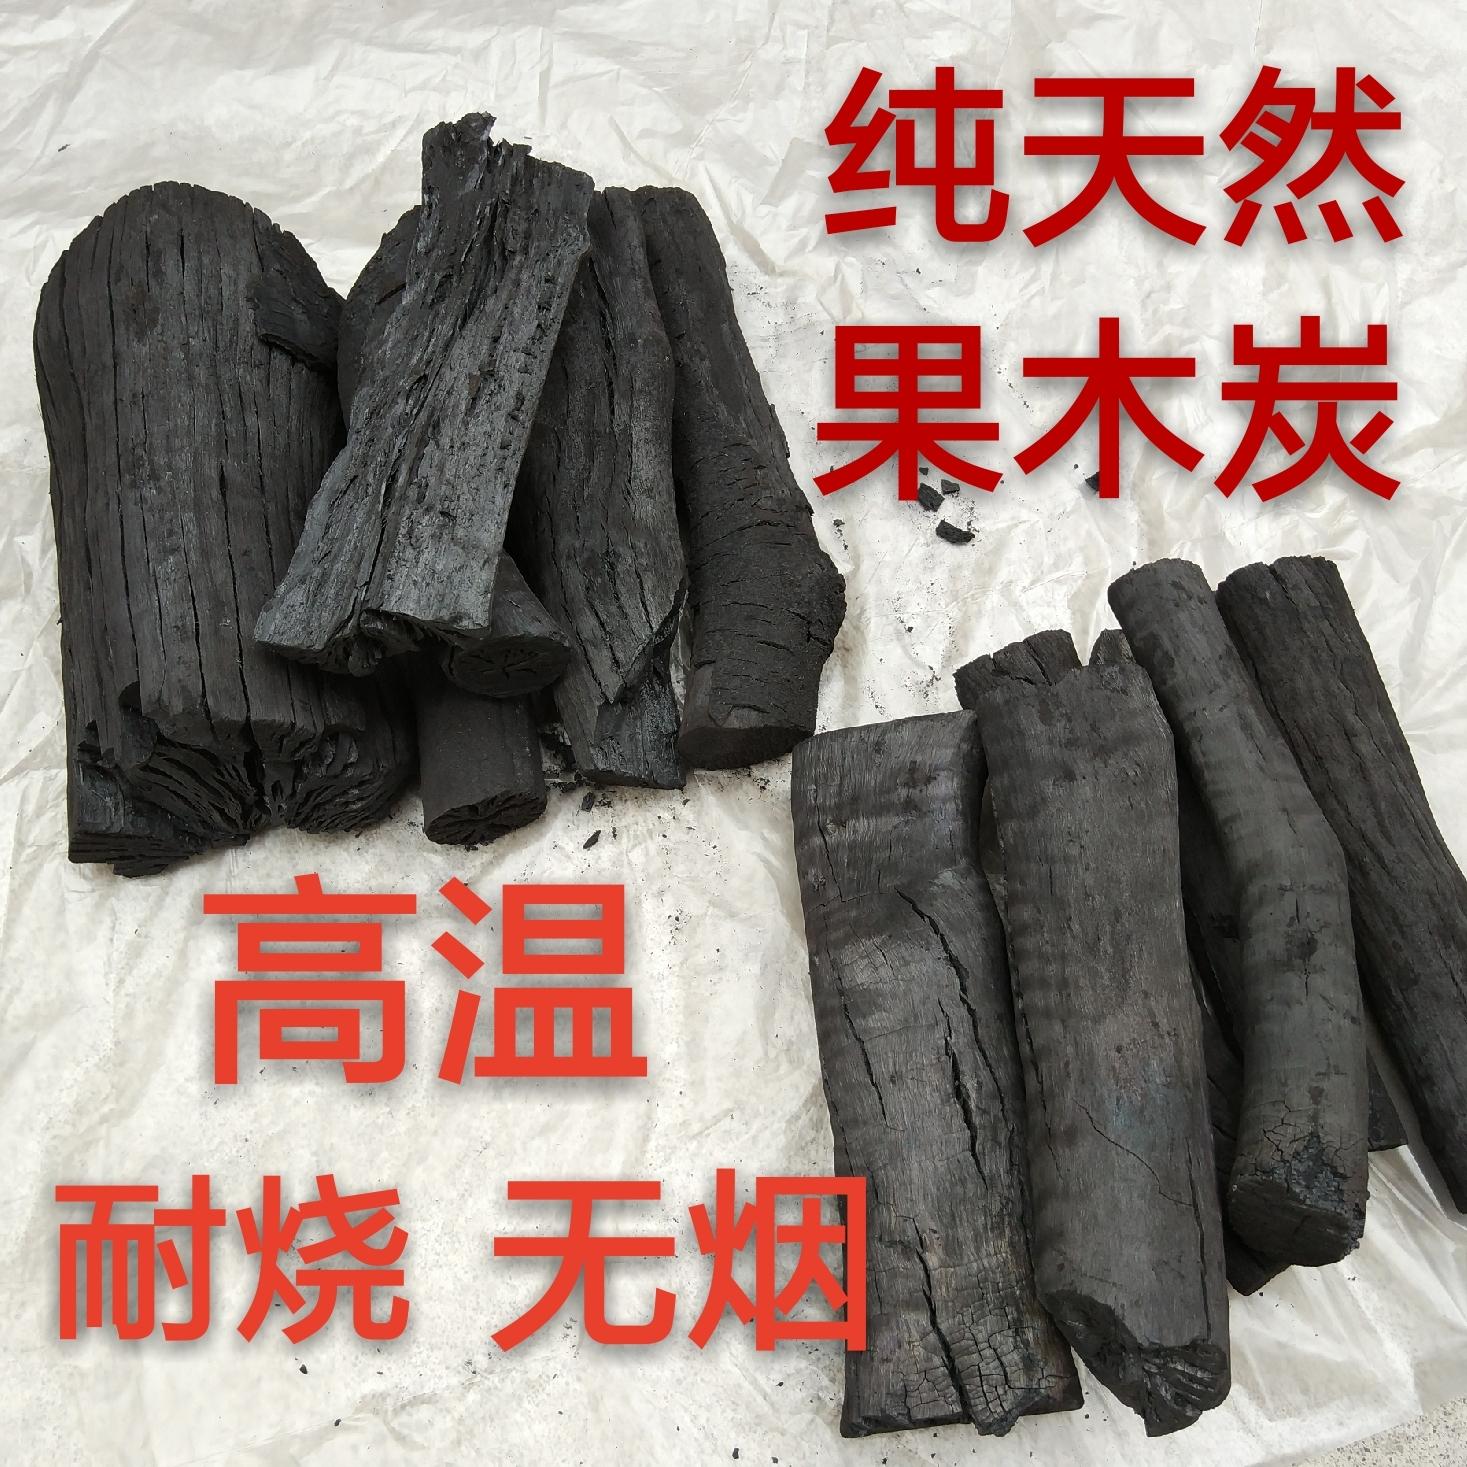 烧烤炭果木炭无烟碳家用户外火锅烤肉碳室内取暖荔枝木炭10斤包邮